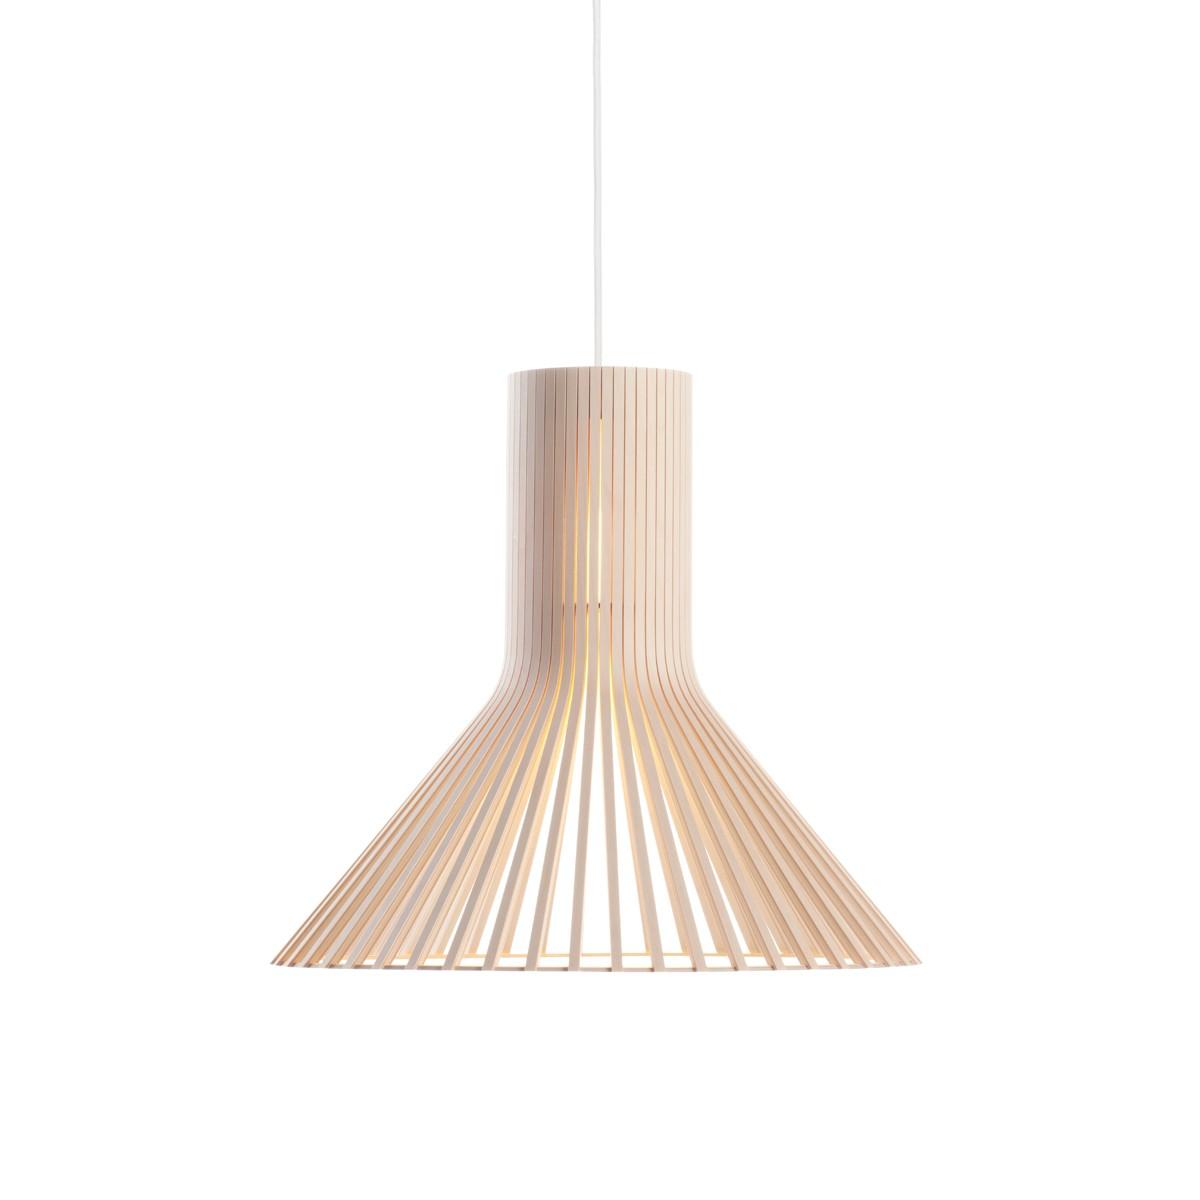 Secto Design Puncto 4203 Pendelleuchte, Birke natur, Kabel: weiß